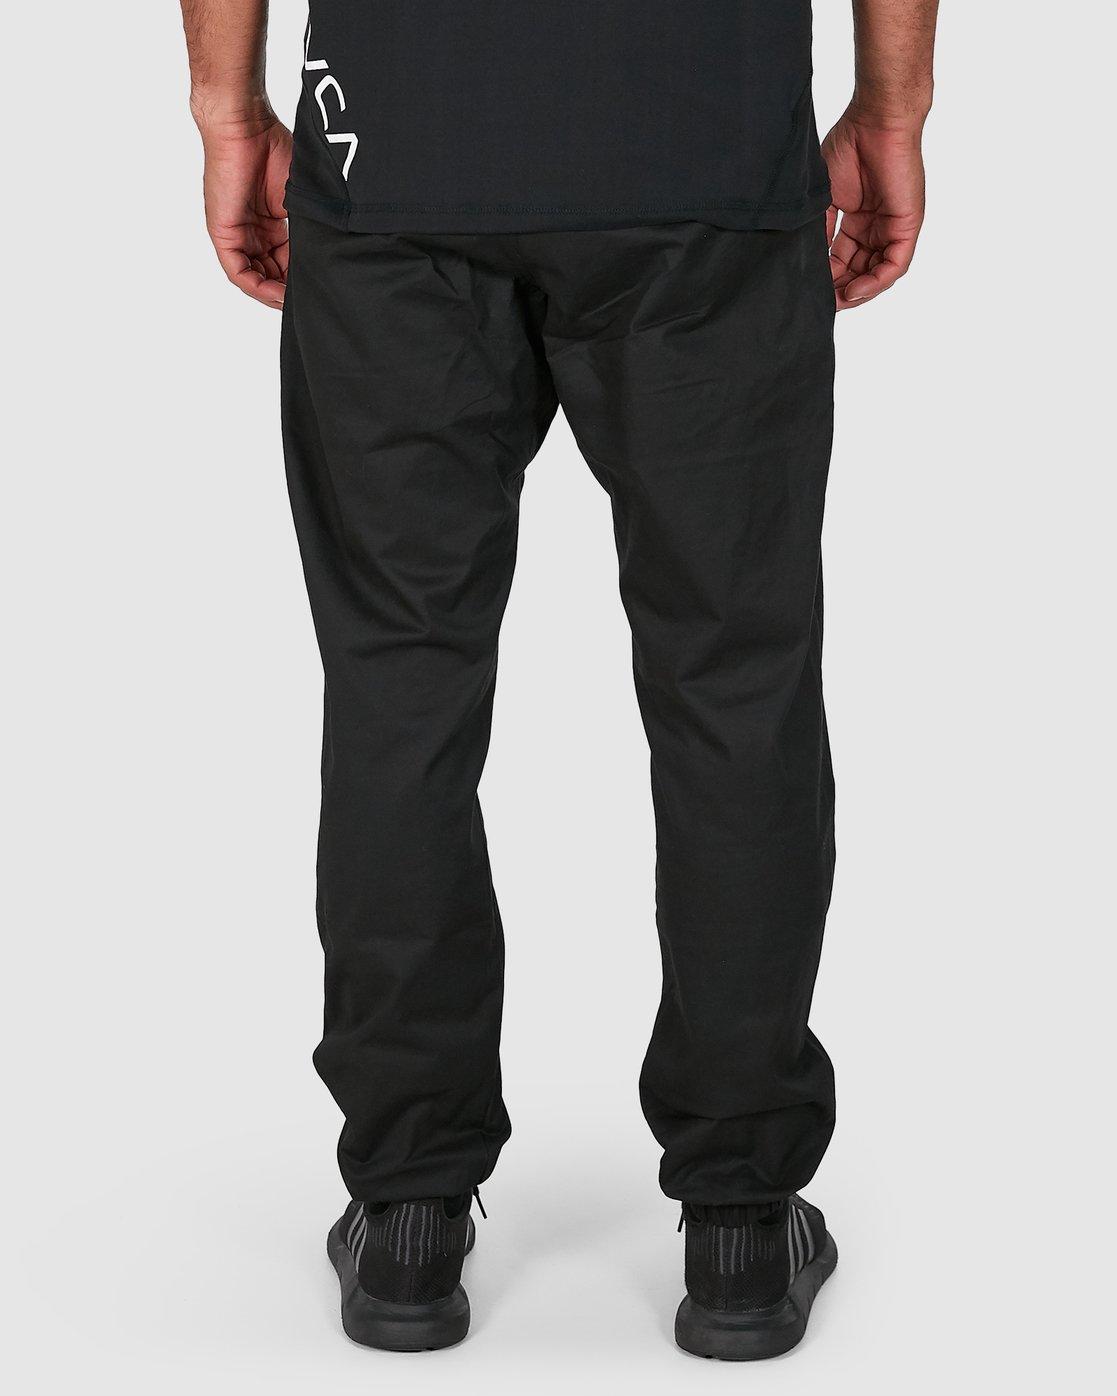 5 SPECTRUM CUFFED PANTS Black R307276 RVCA